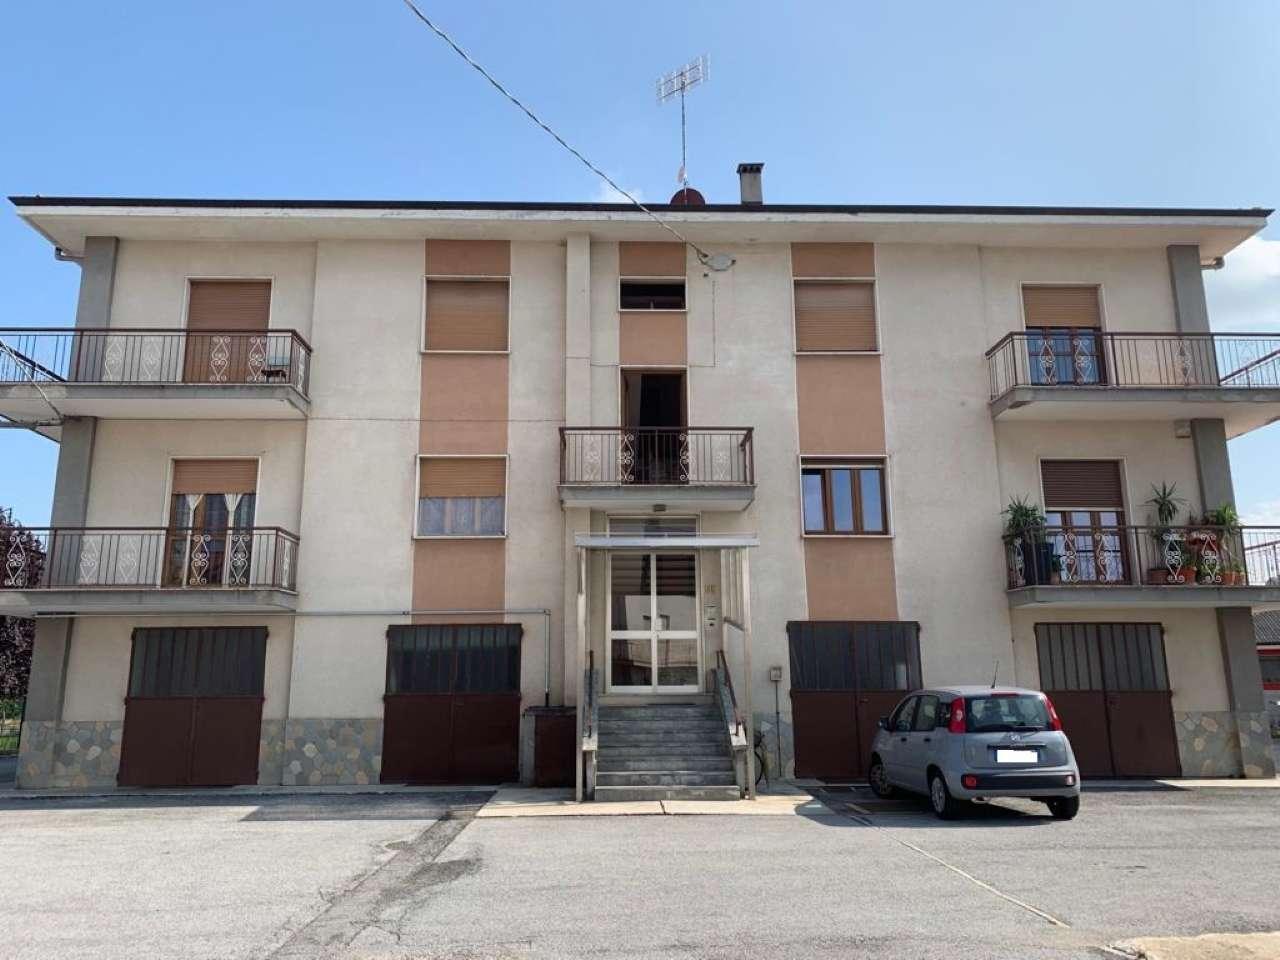 Appartamento in vendita a Cuneo, 4 locali, prezzo € 98.000 | PortaleAgenzieImmobiliari.it